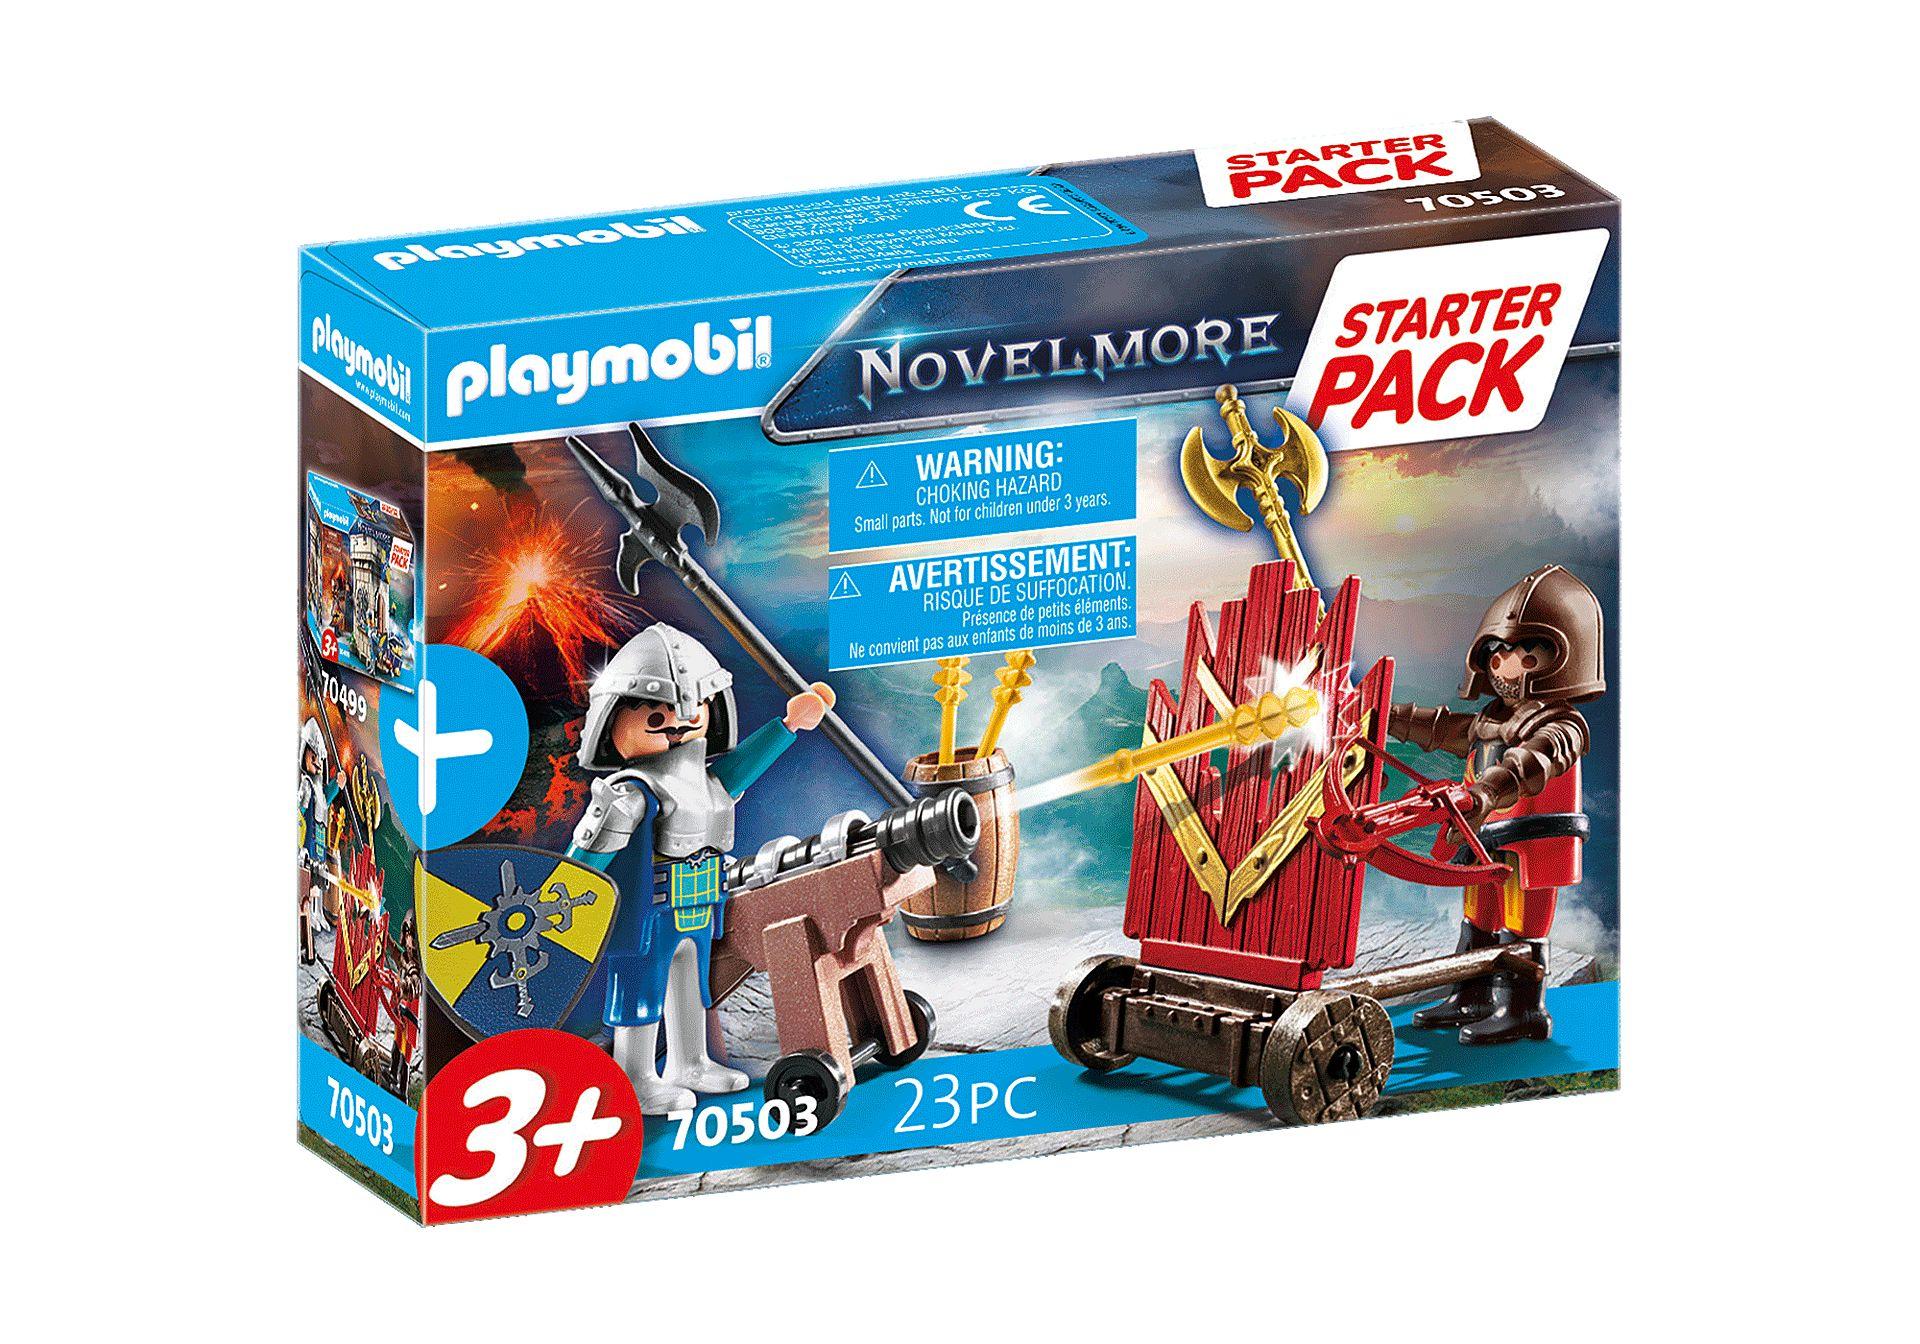 PLAYMOBIL 70503 STARTER PACK NOVELMORE